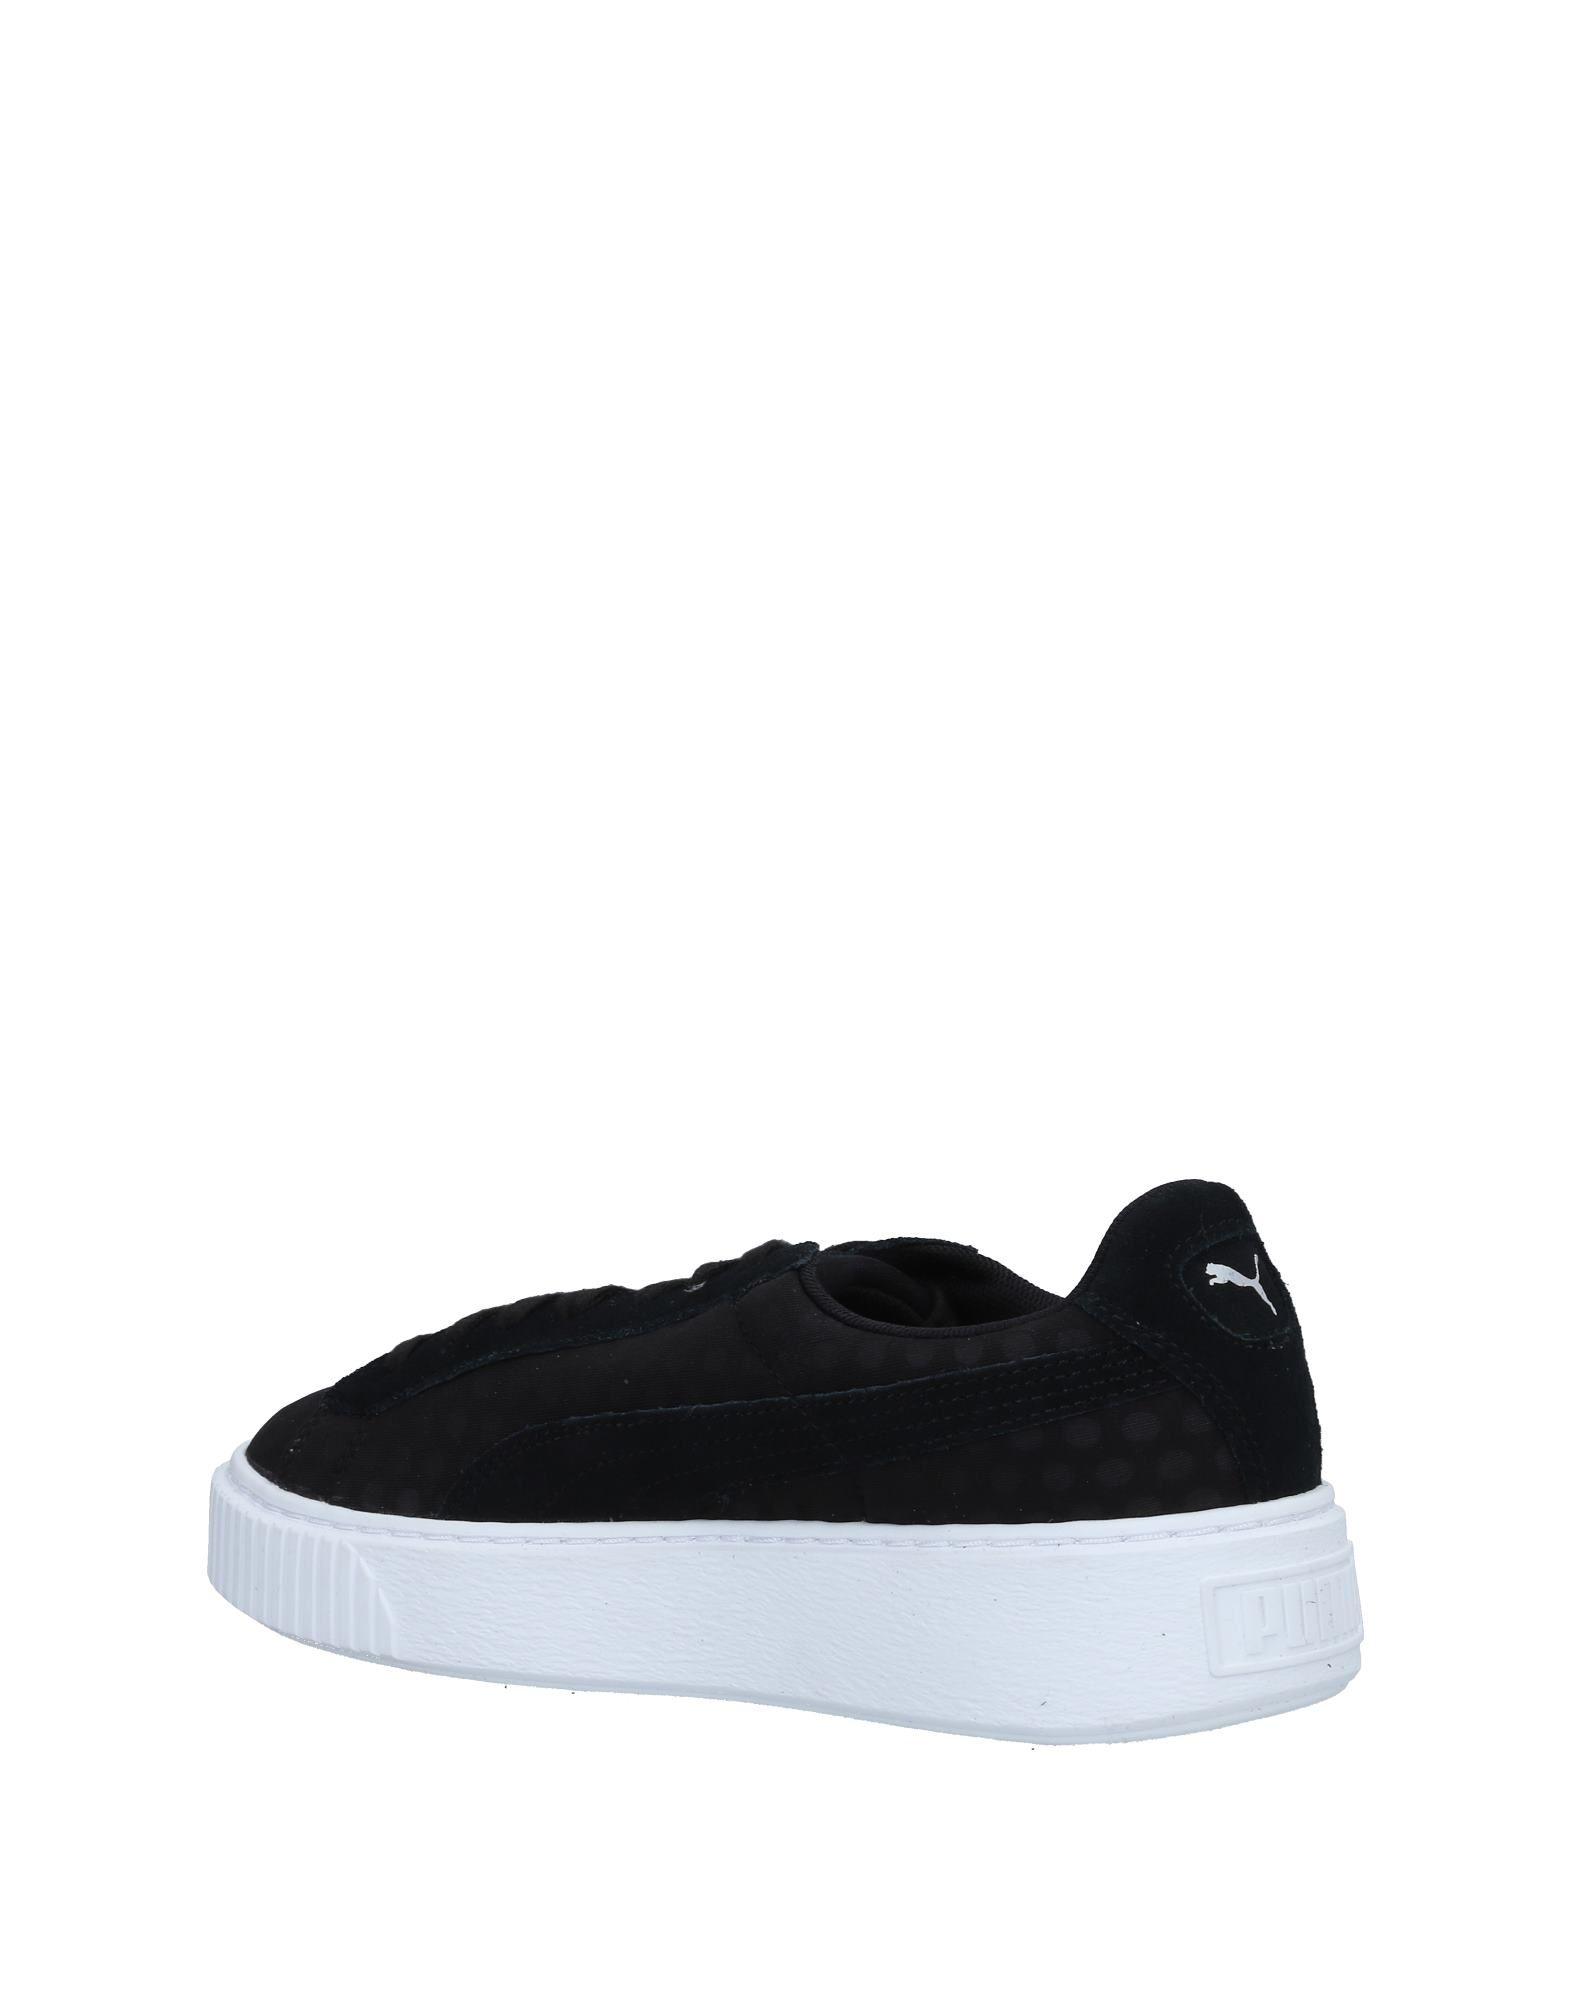 Puma Gute Sneakers Damen  11495718RT Gute Puma Qualität beliebte Schuhe 5b8ea7